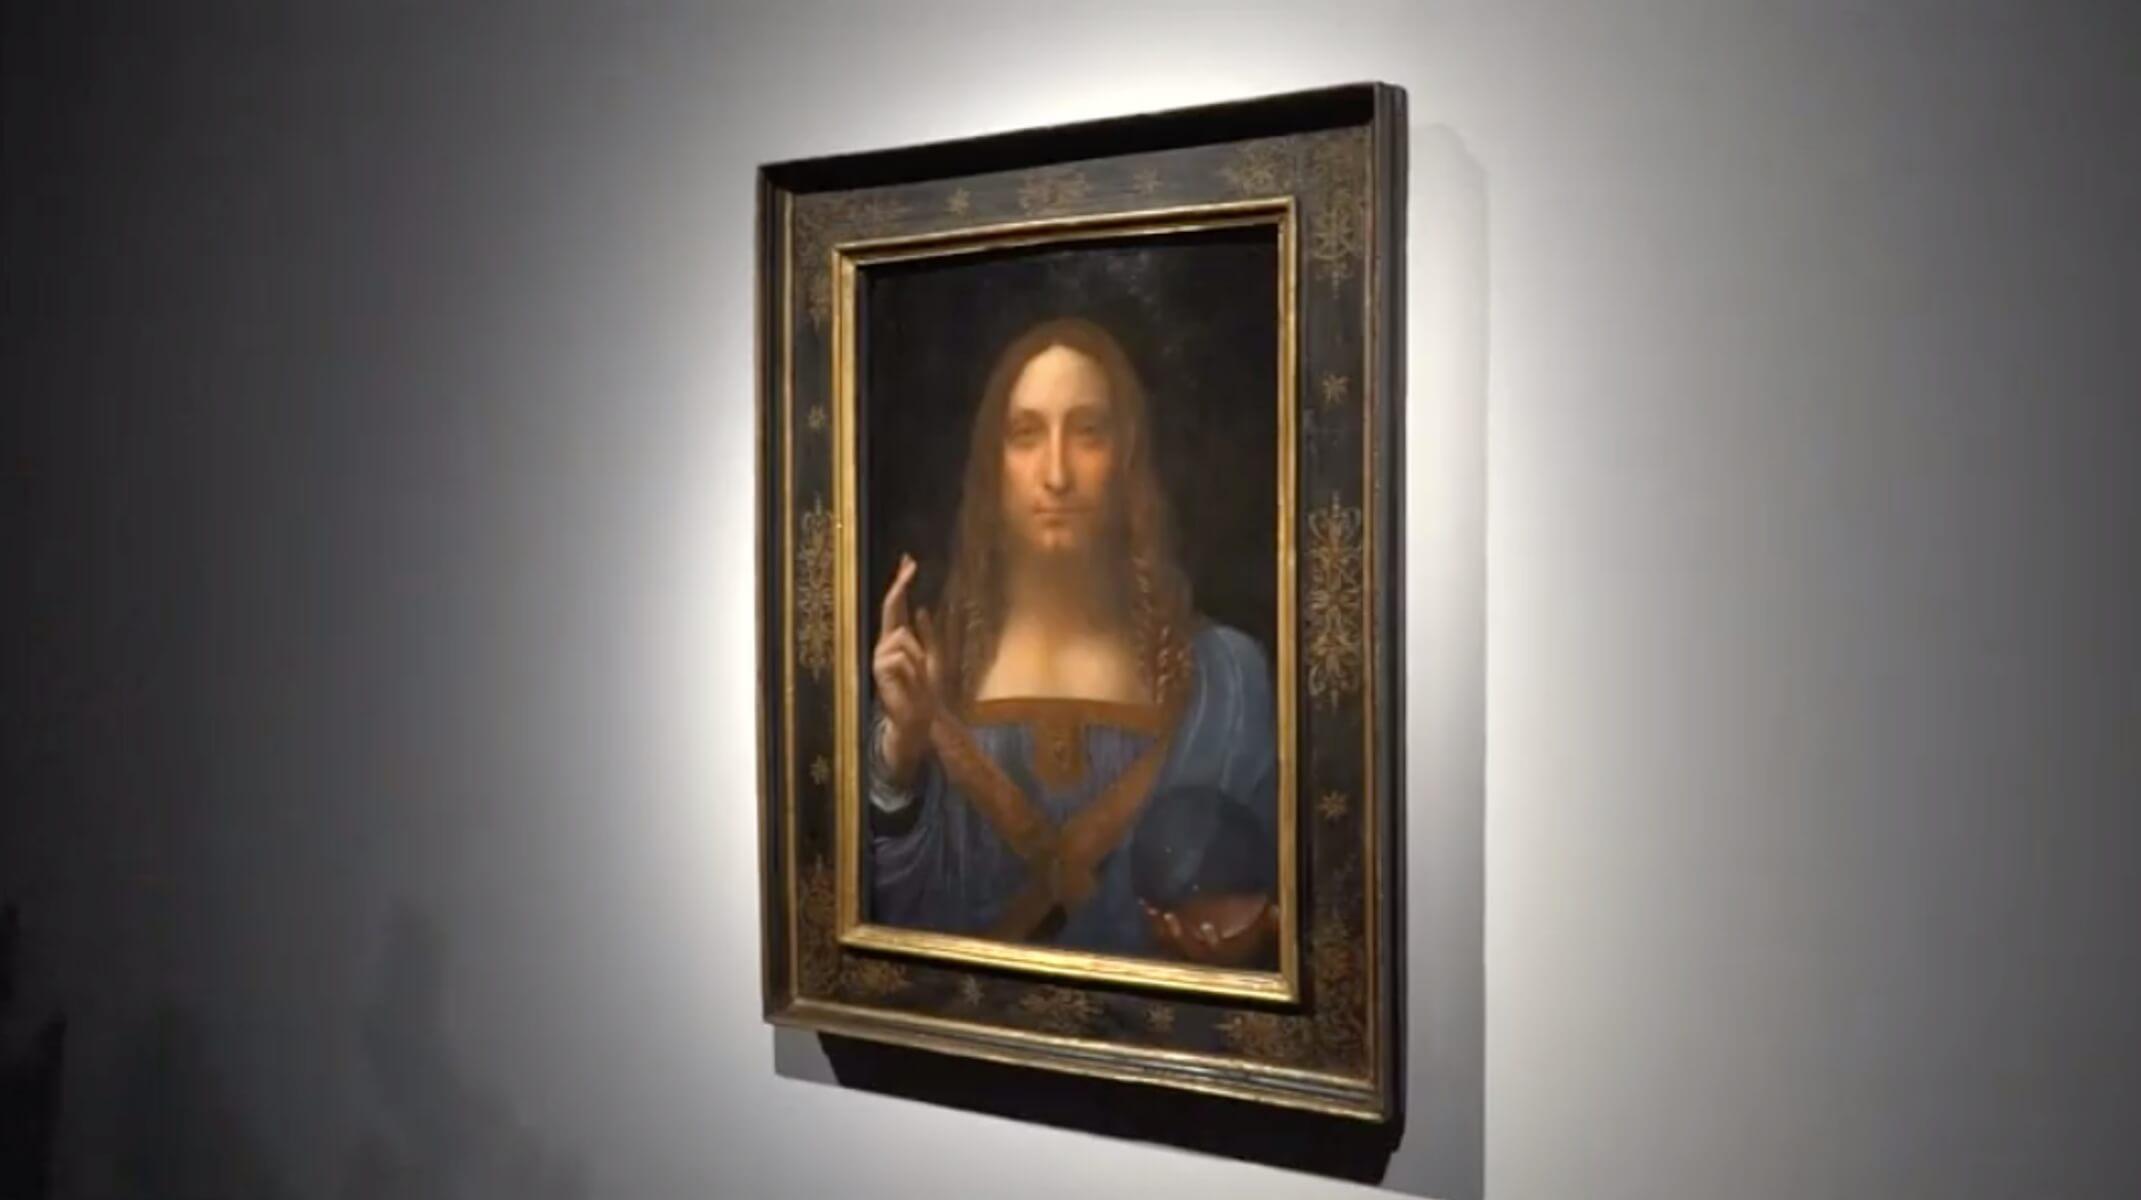 Θρίλερ με το ακριβότερο έργο τέχνης του Λεονάρντο Ντα Βίντσι!